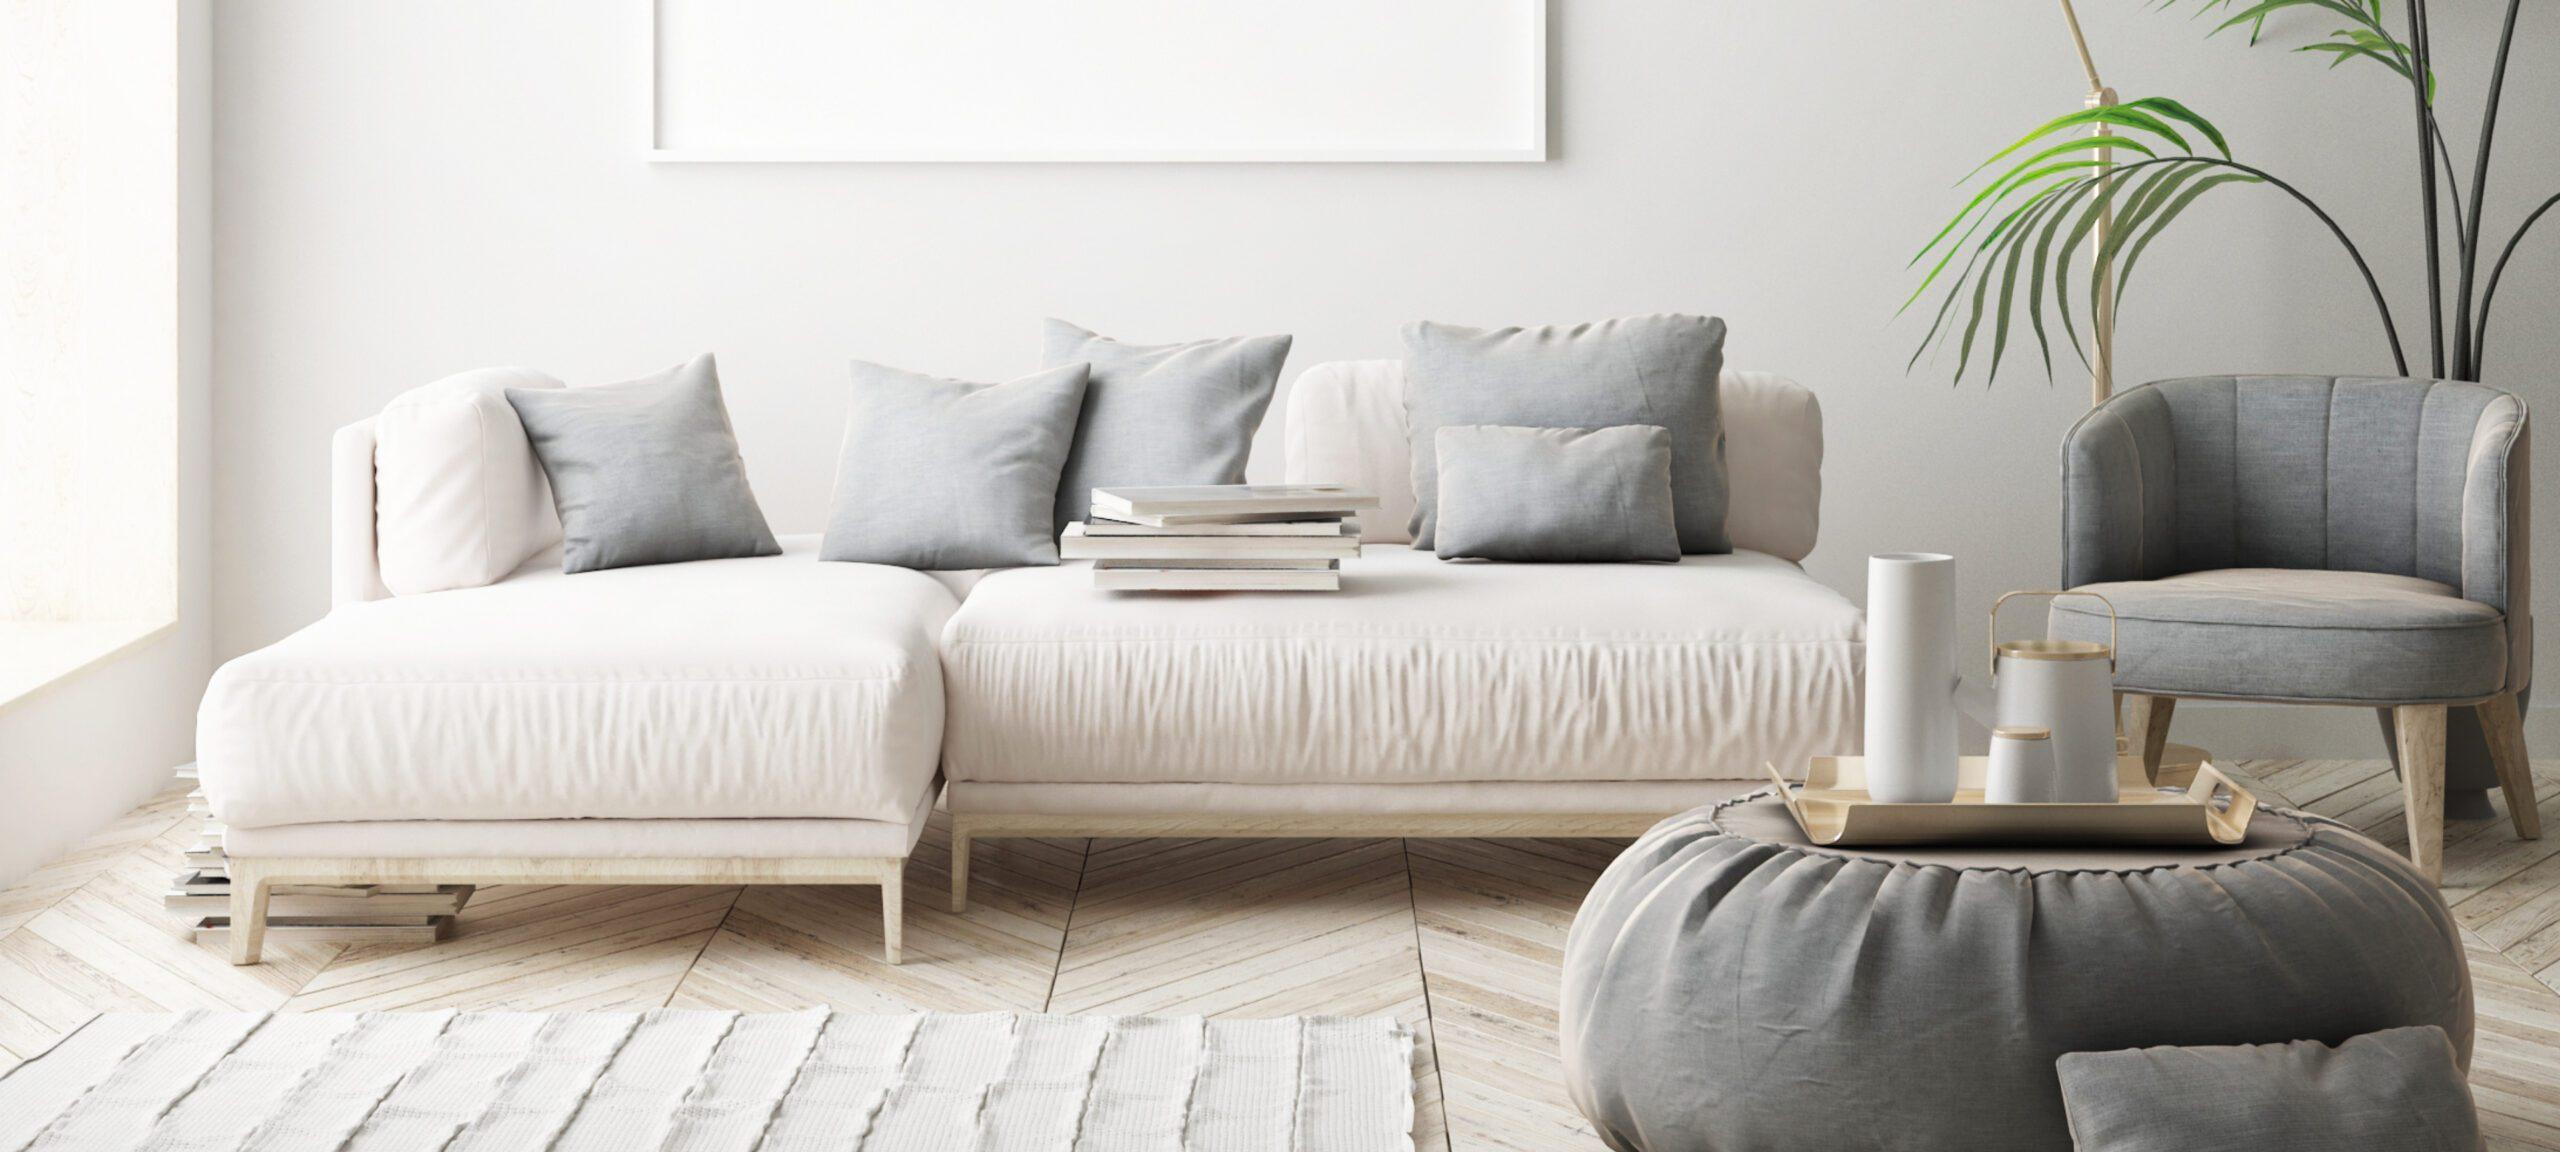 sofa rinconera blanco comedor estilo nordico